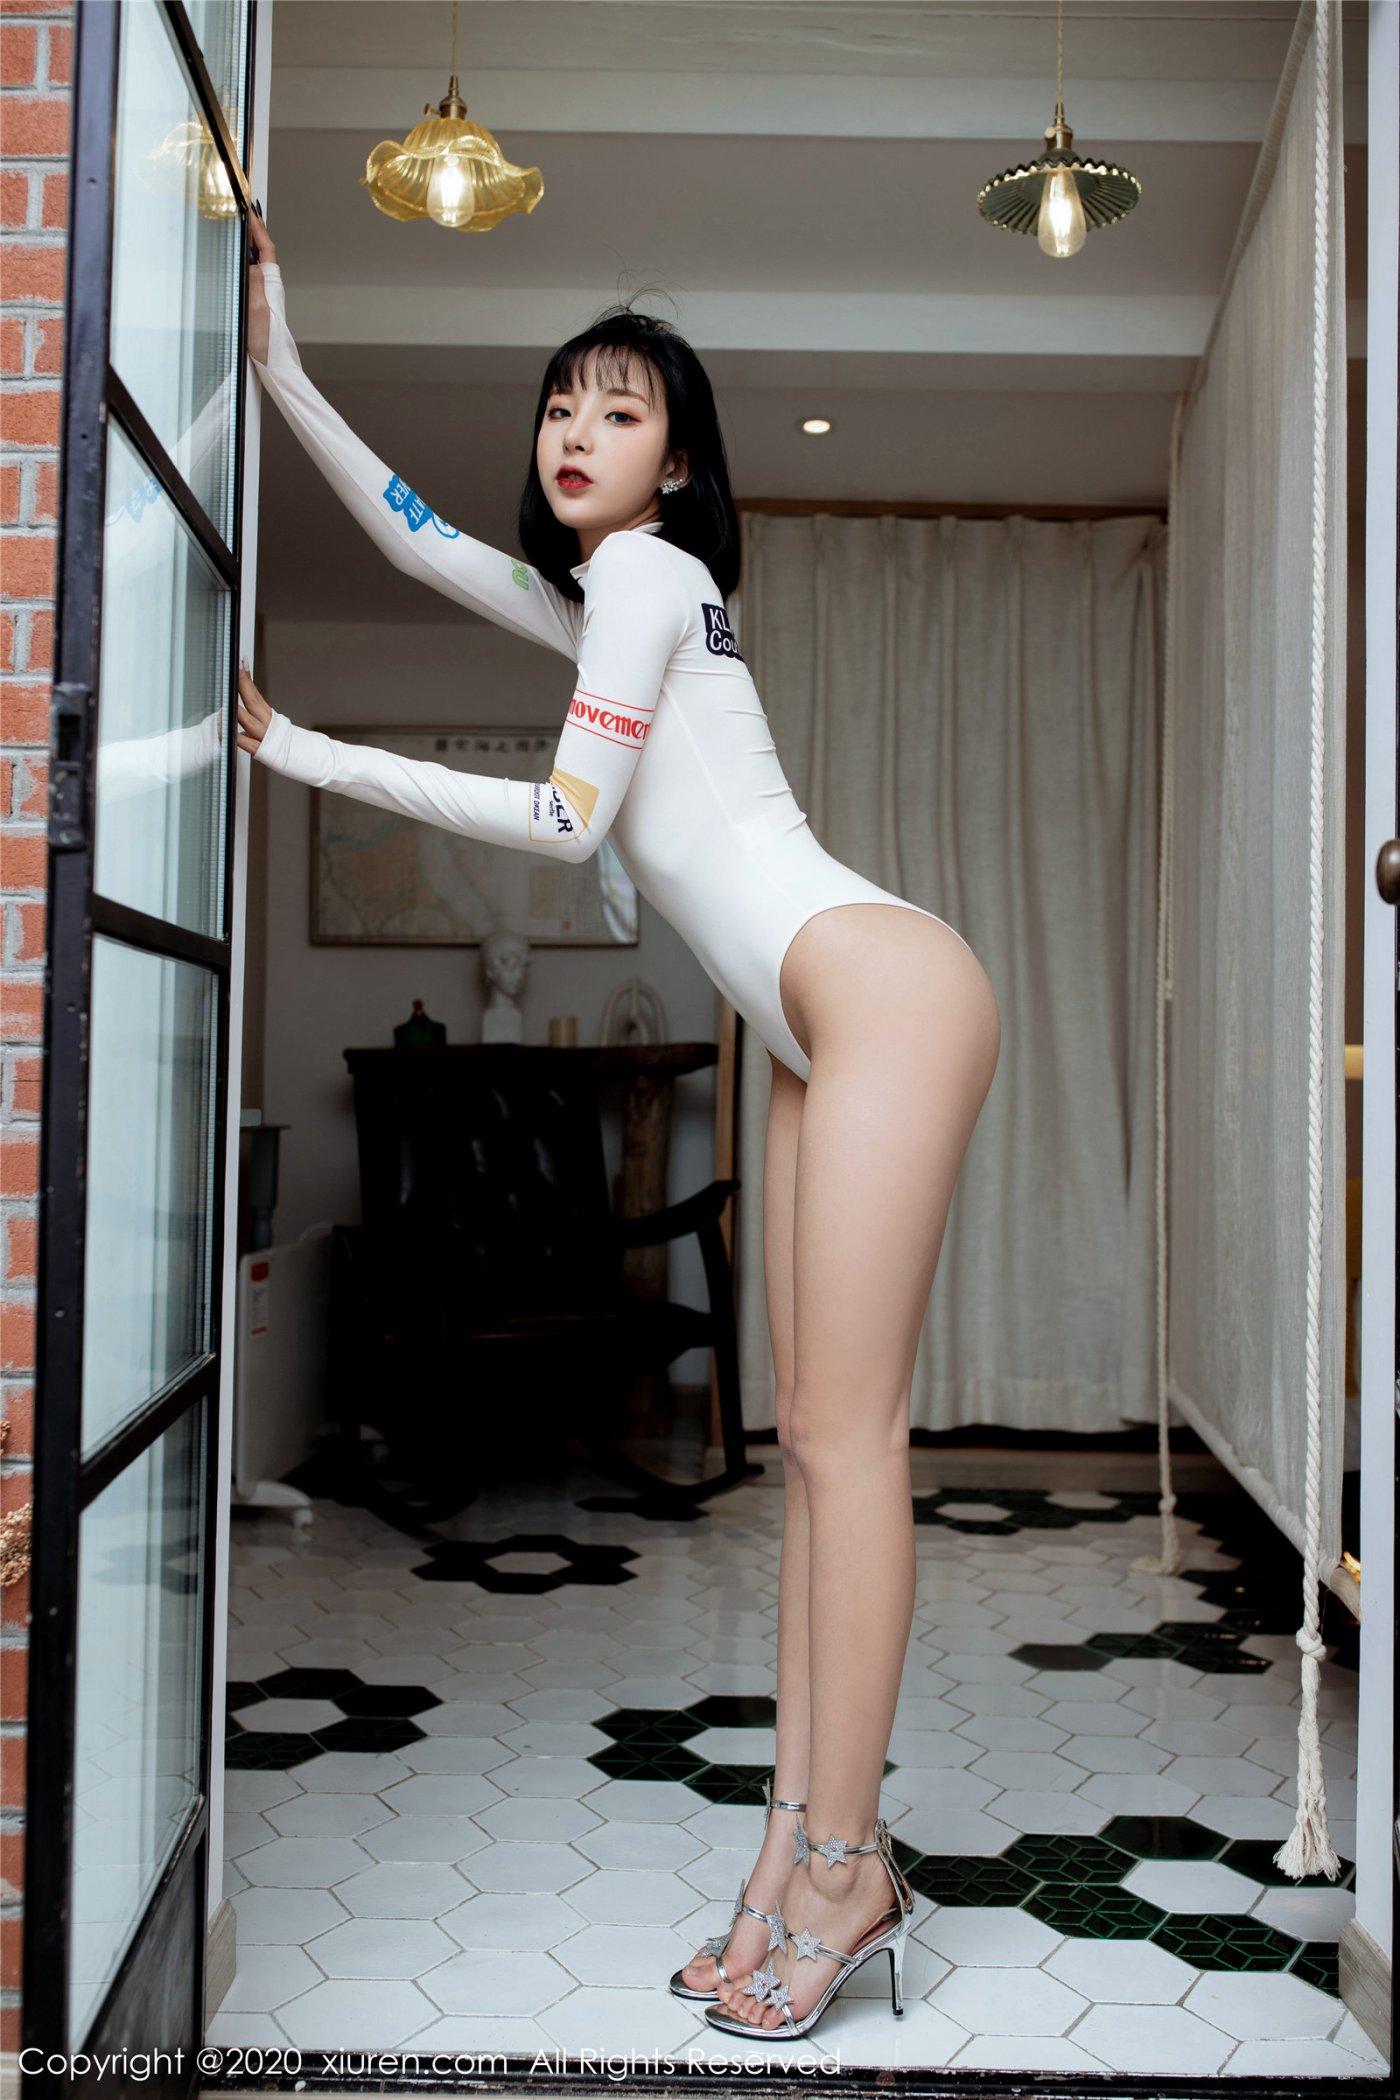 帅气飒爽的赛车与绝佳身材 陈小喵(Vol. 2049) 性感mm-第1张